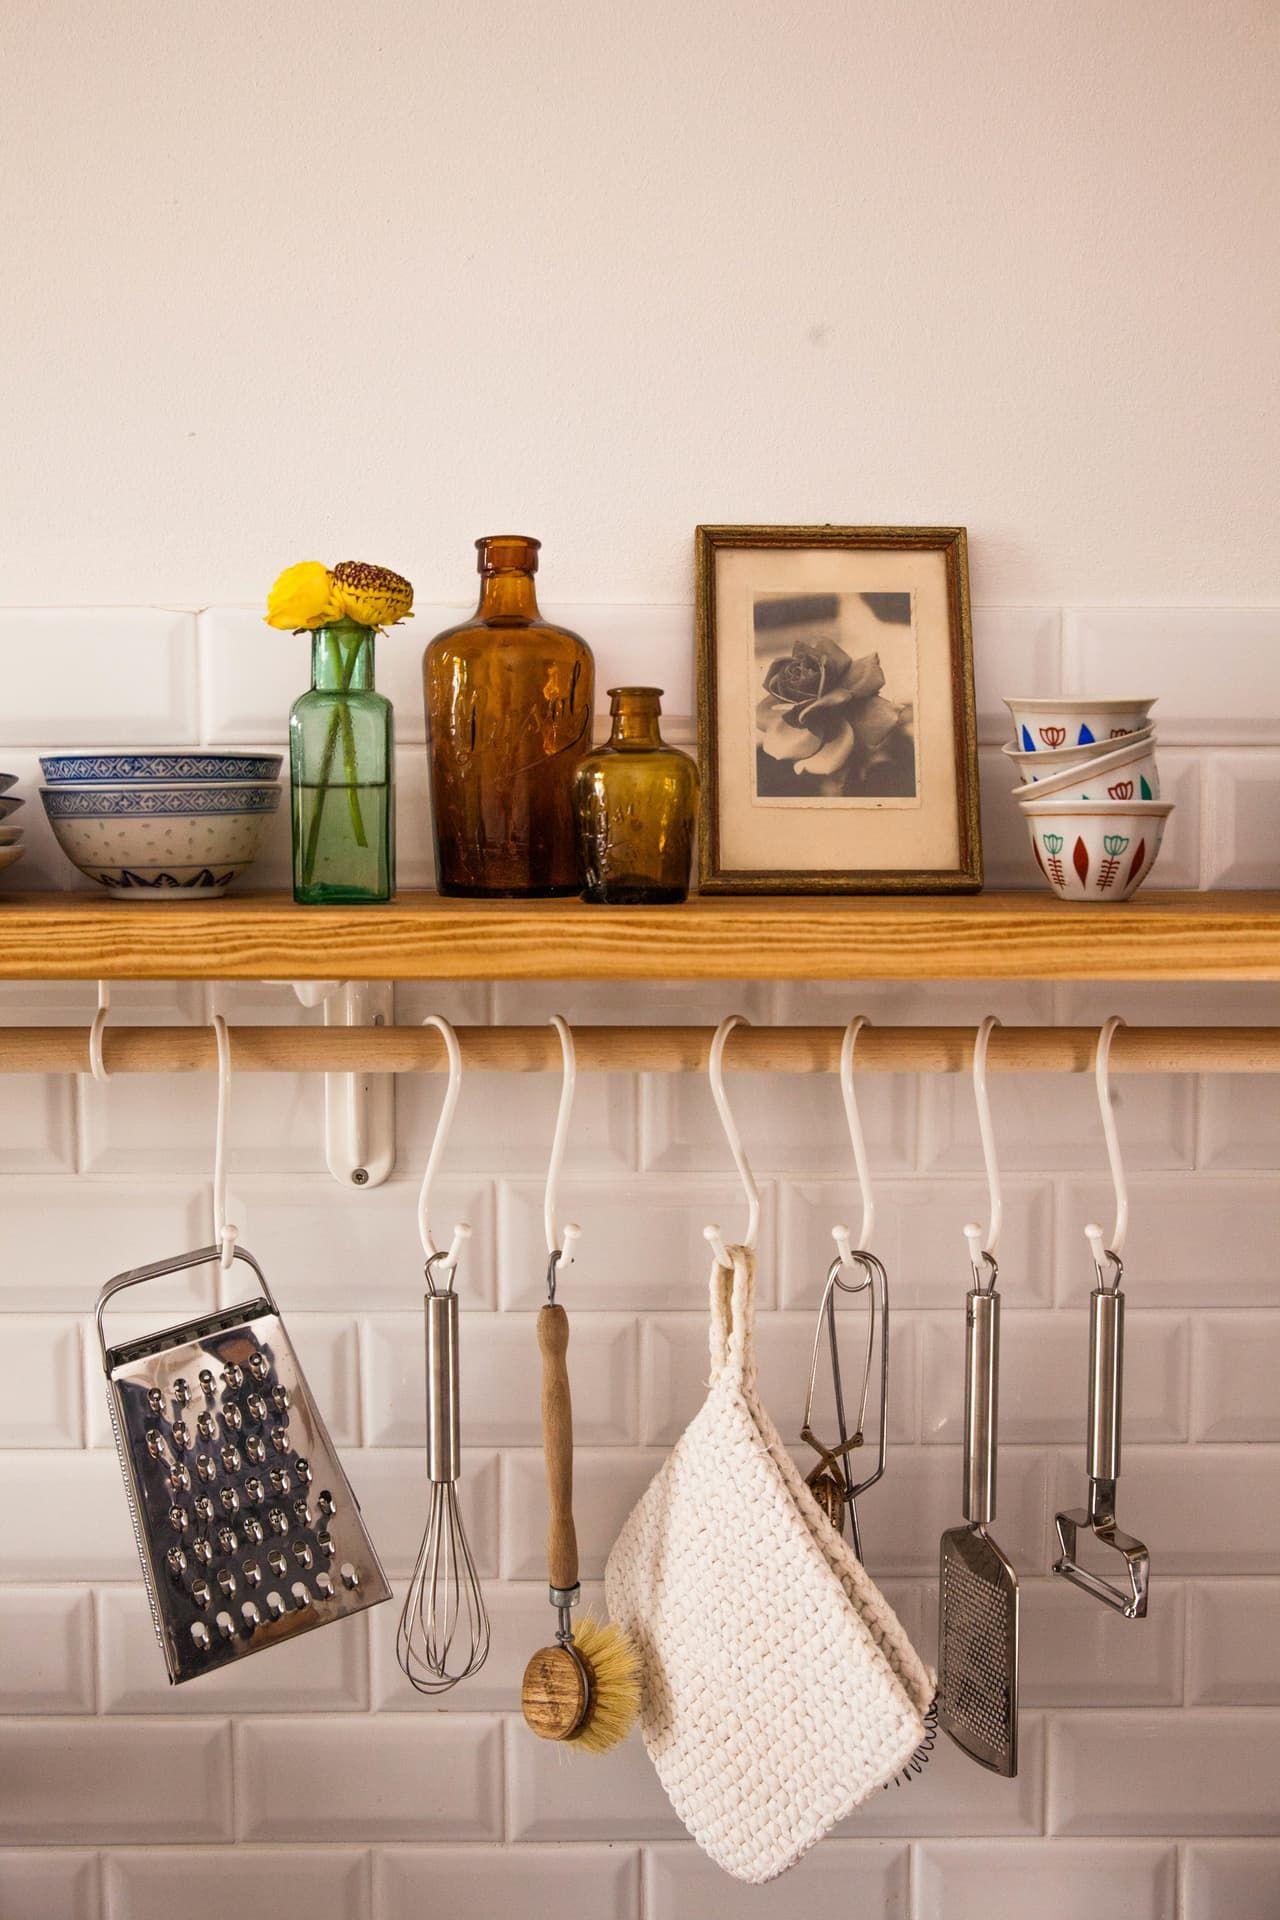 Beste Wohnung Therapie Küche Lagerung Fotos - Ideen Für Die Küche ...